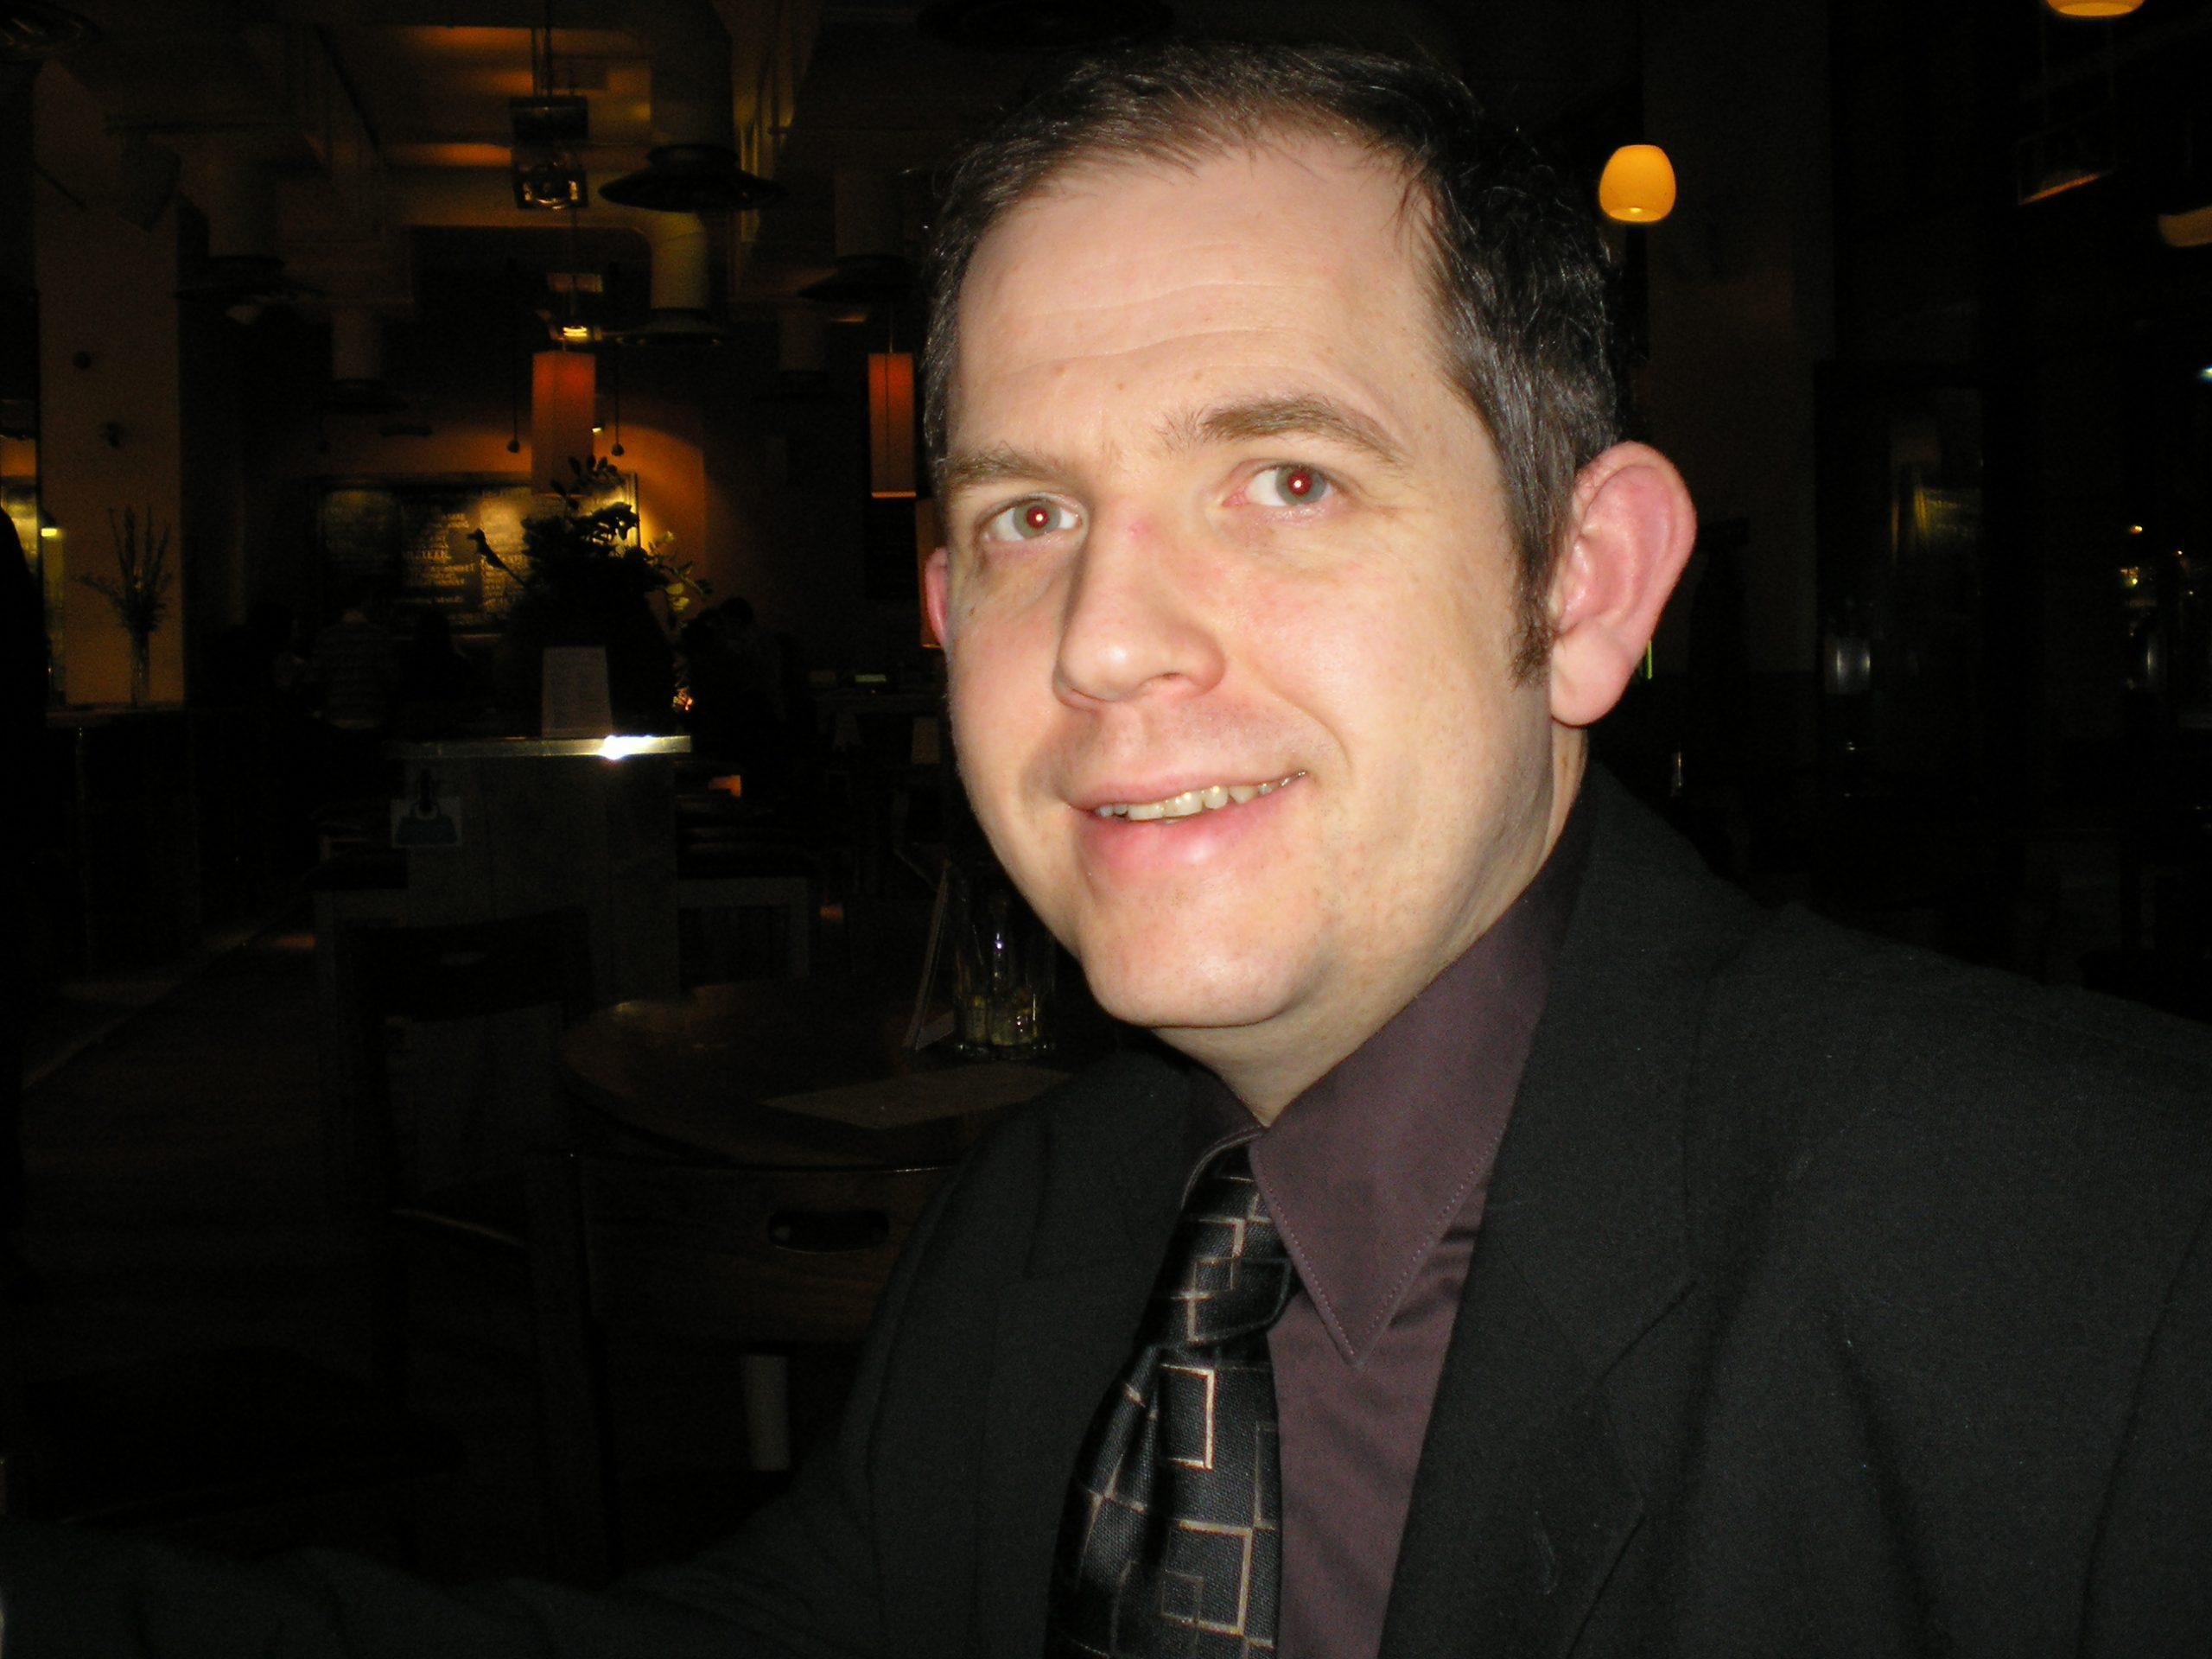 Gerard Madden